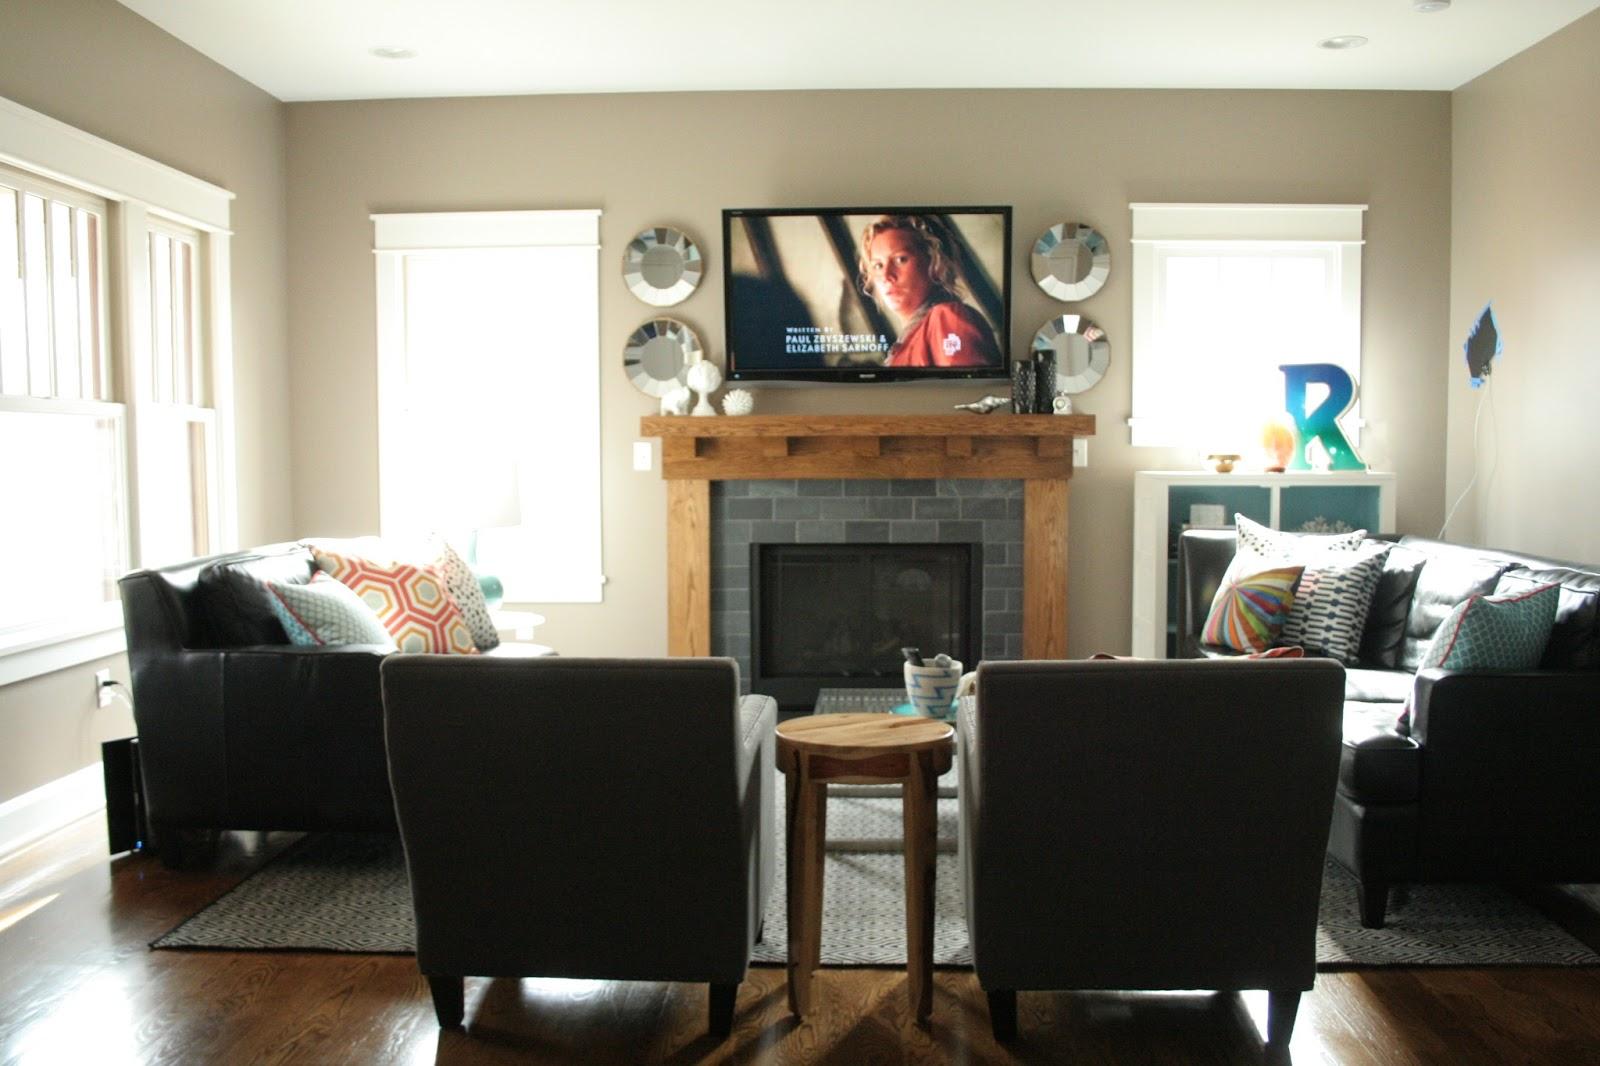 how to arrange furniture in an l shaped room joy studio design gallery best design. Black Bedroom Furniture Sets. Home Design Ideas